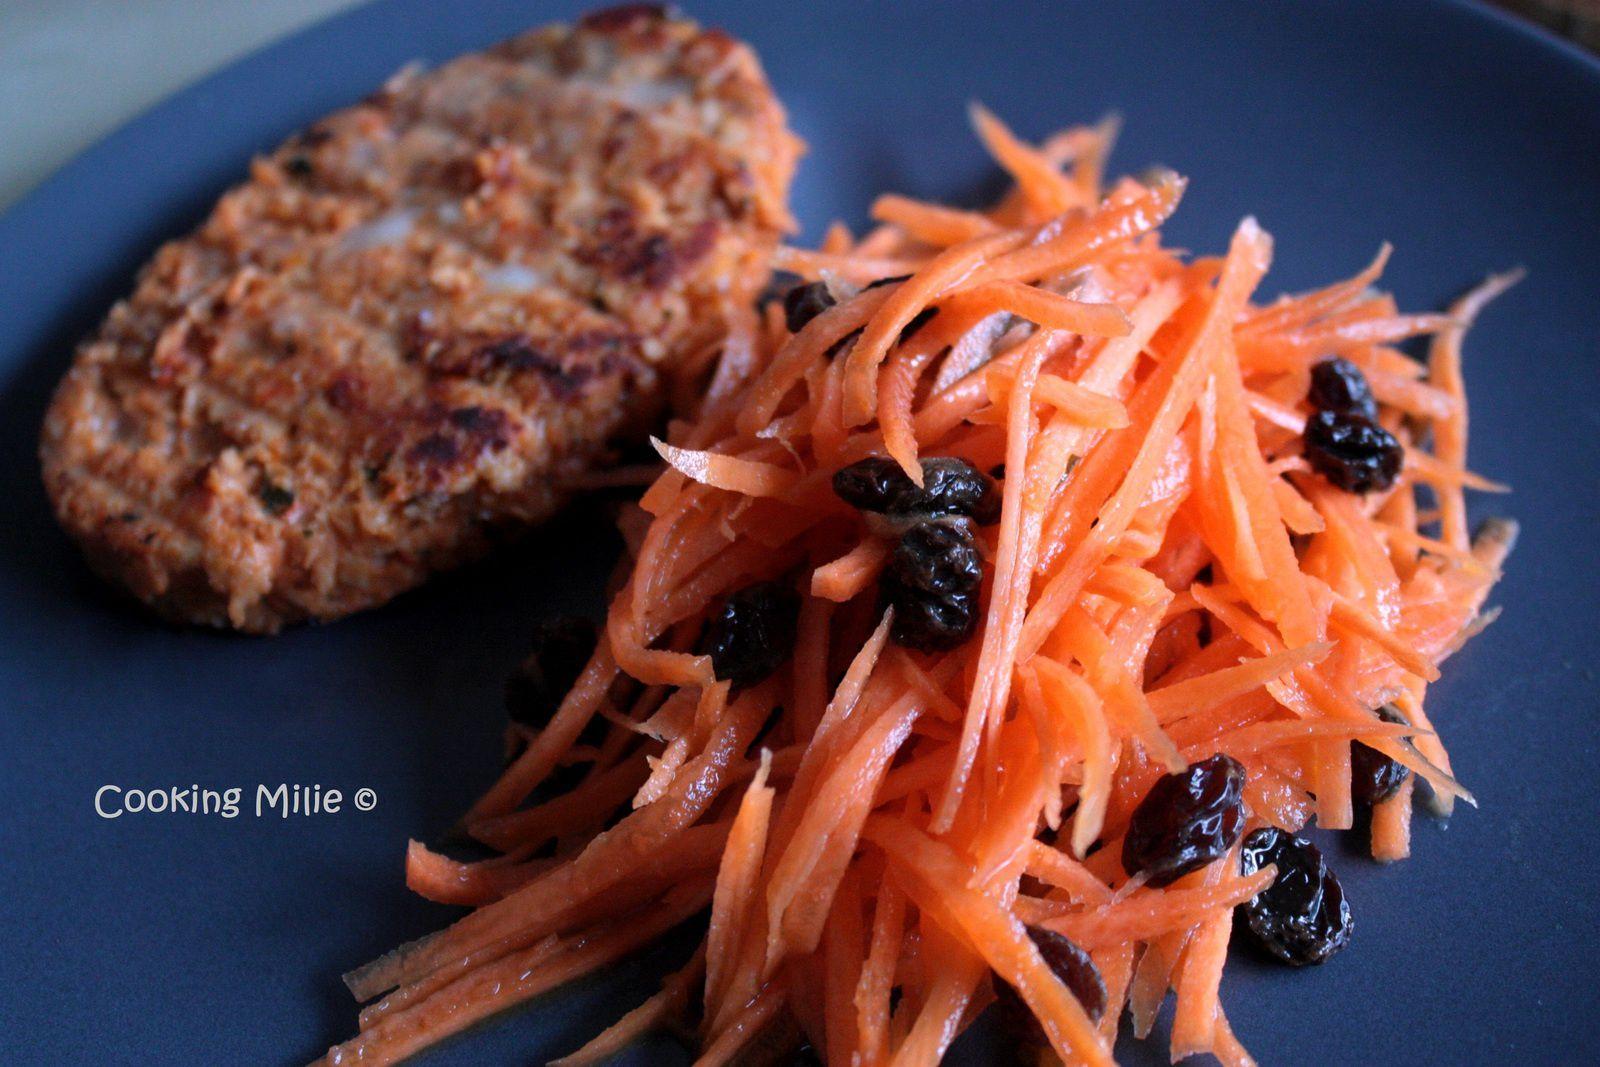 Envie de salade #8 / Carottes râpées aux raisins et jus de clémentine